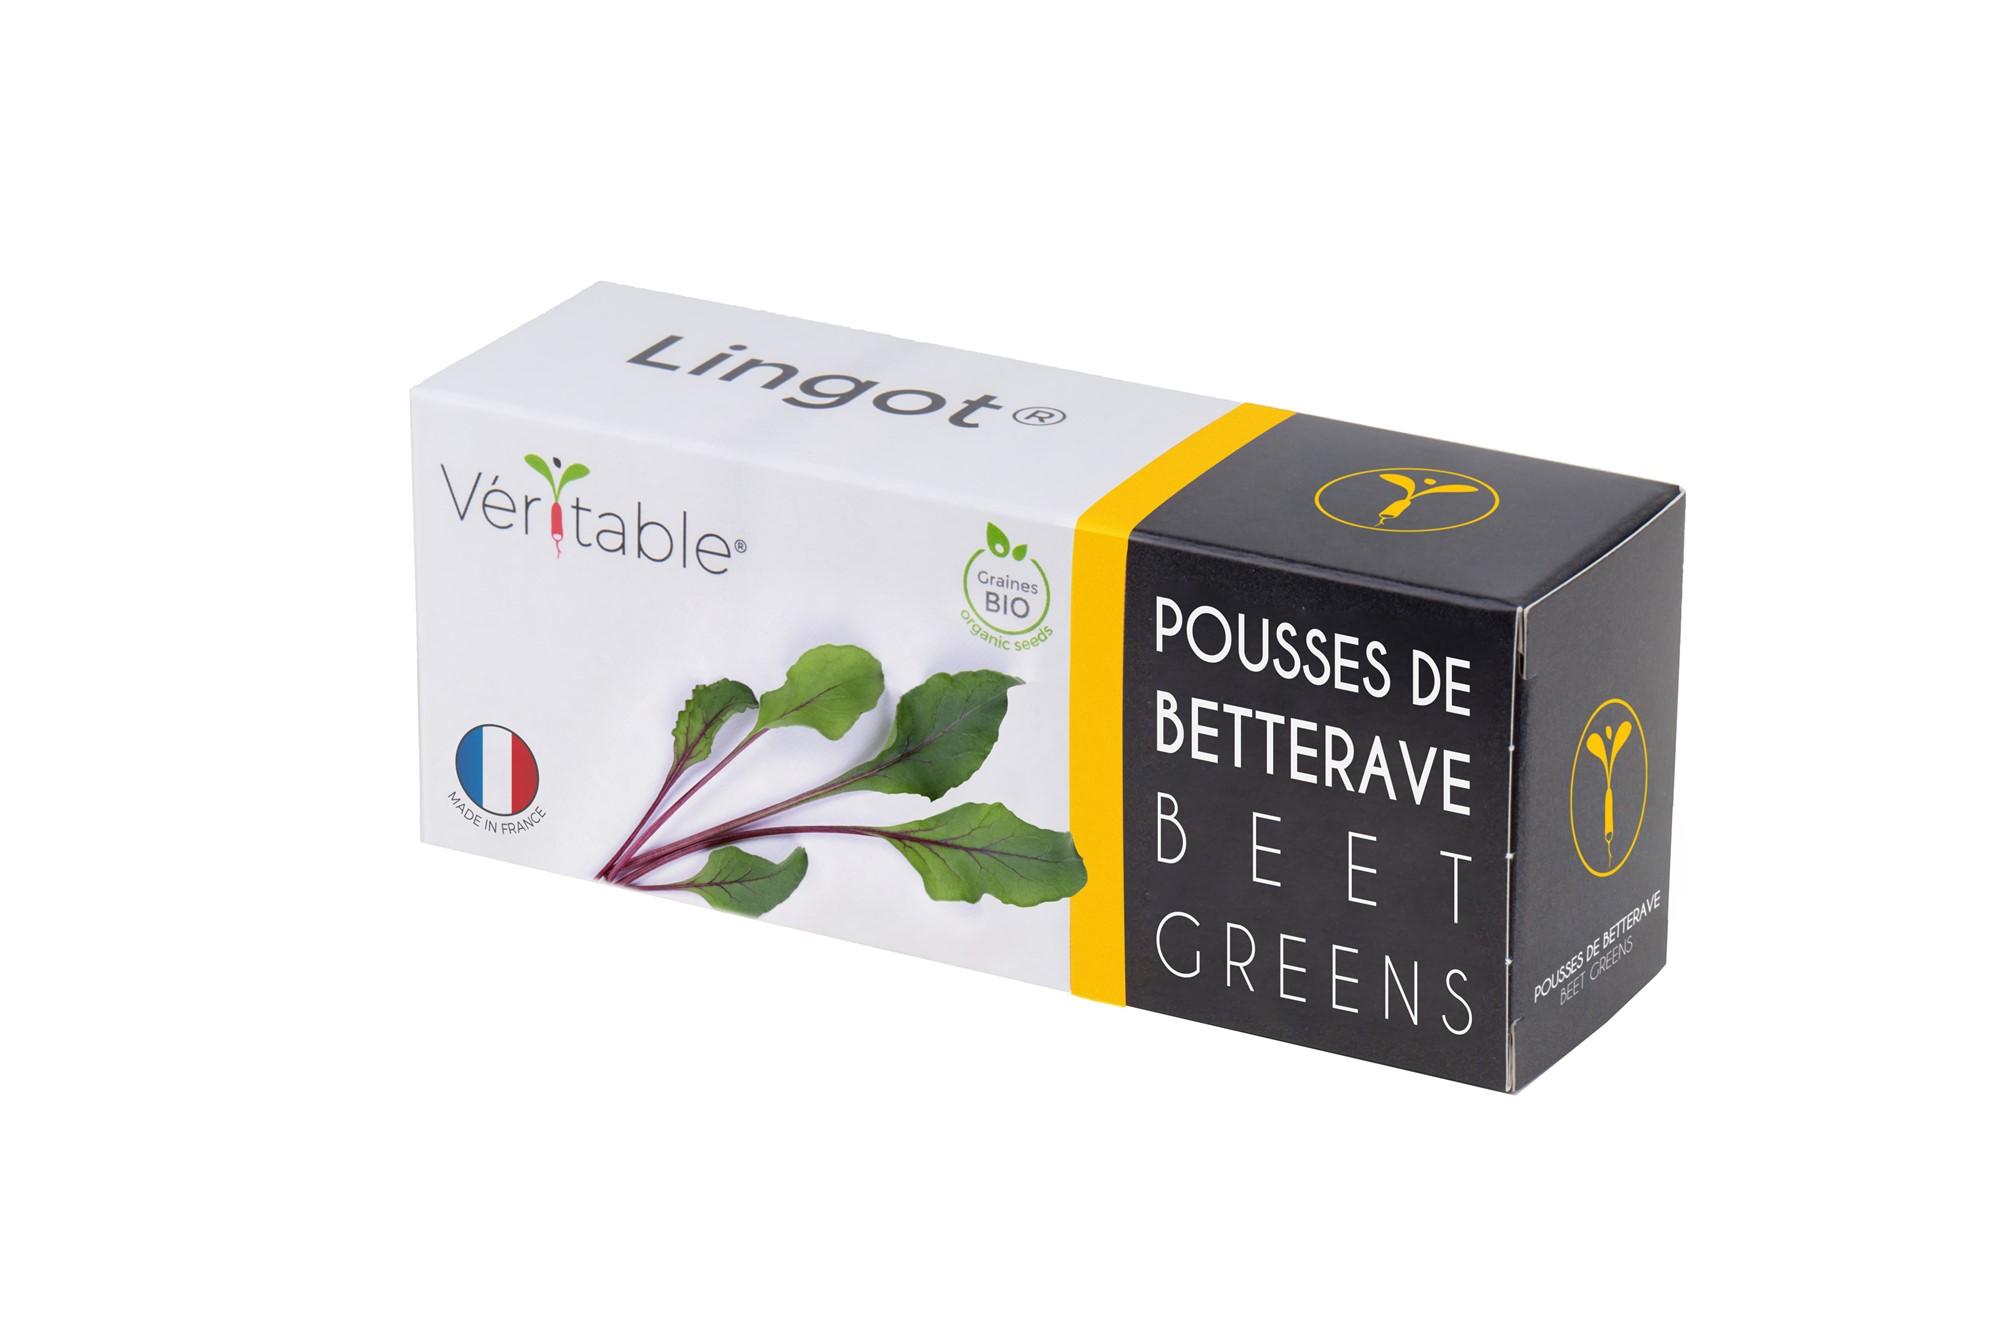 Lingot® Pousses de Betterave BIO compatible potager Véritable®